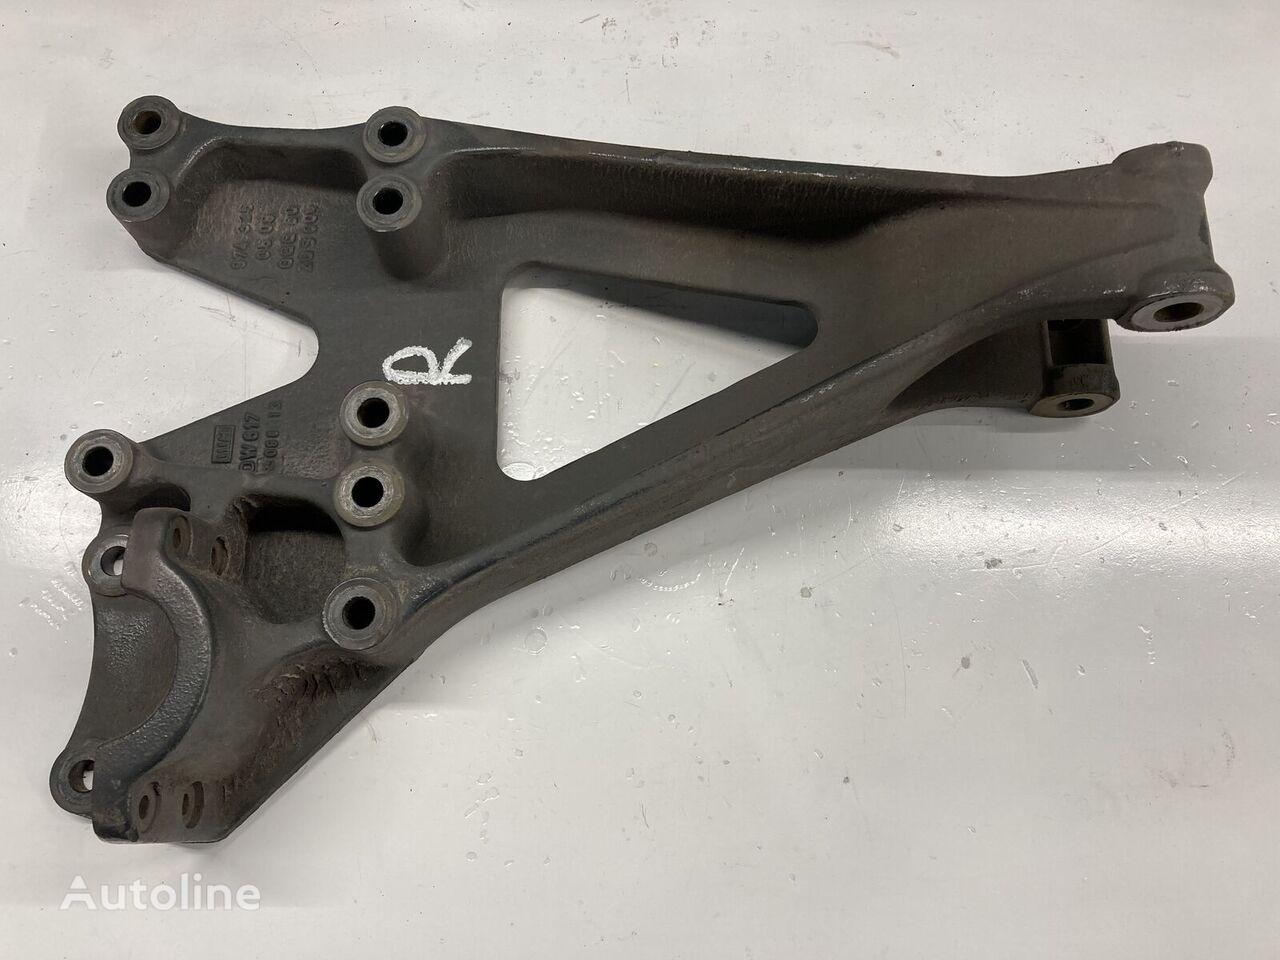 MERCEDES-BENZ Steun rechts van achterasophanging bevestigingsmiddelen voor MERCEDES-BENZ Steun rechts van achterasophanging vrachtwagen